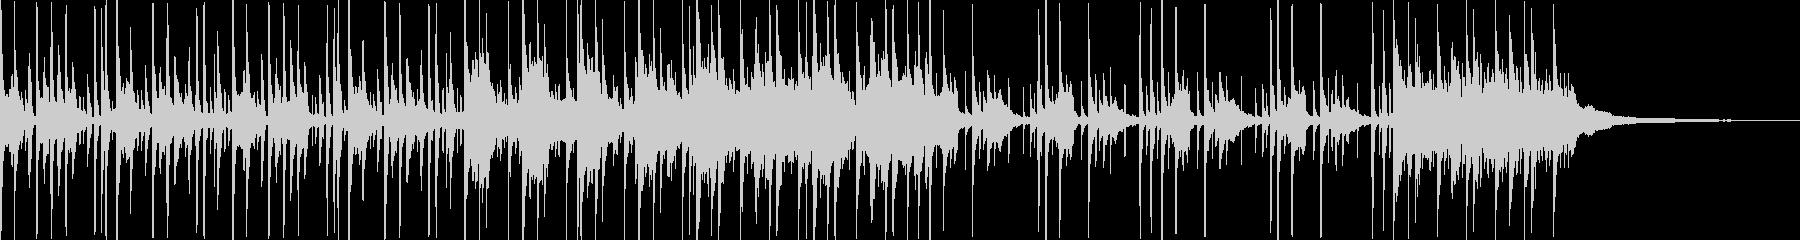 ドラム・ピアノ打ち込み音源の未再生の波形